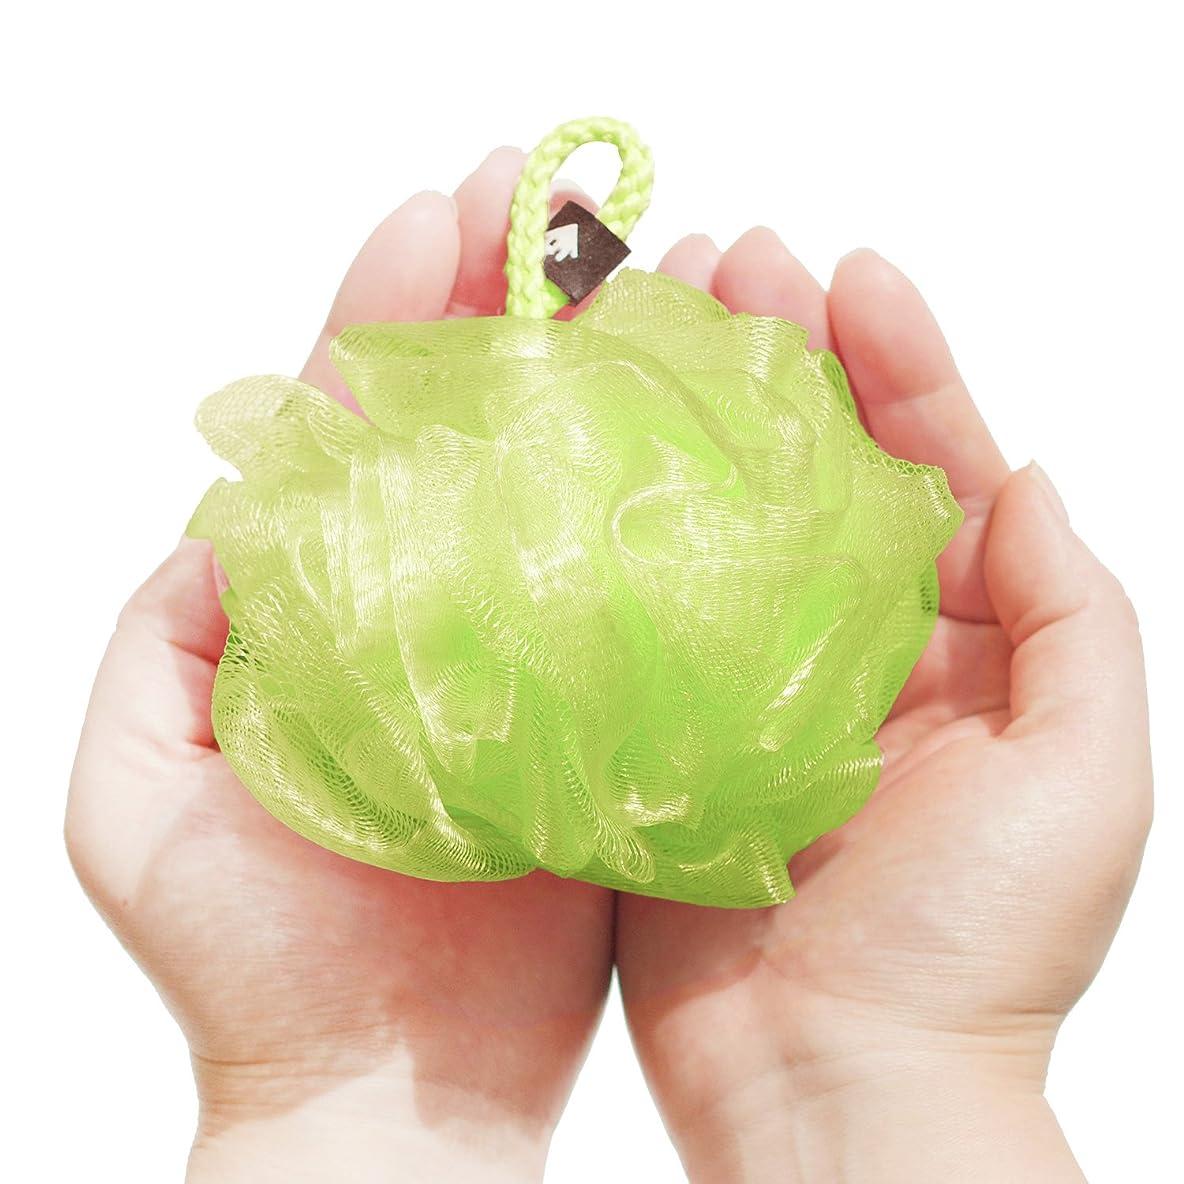 士気くしゃみ形状オカ 泡立てネット グリーン Sサイズ PLYS(プリス)シルキーウォッシュ